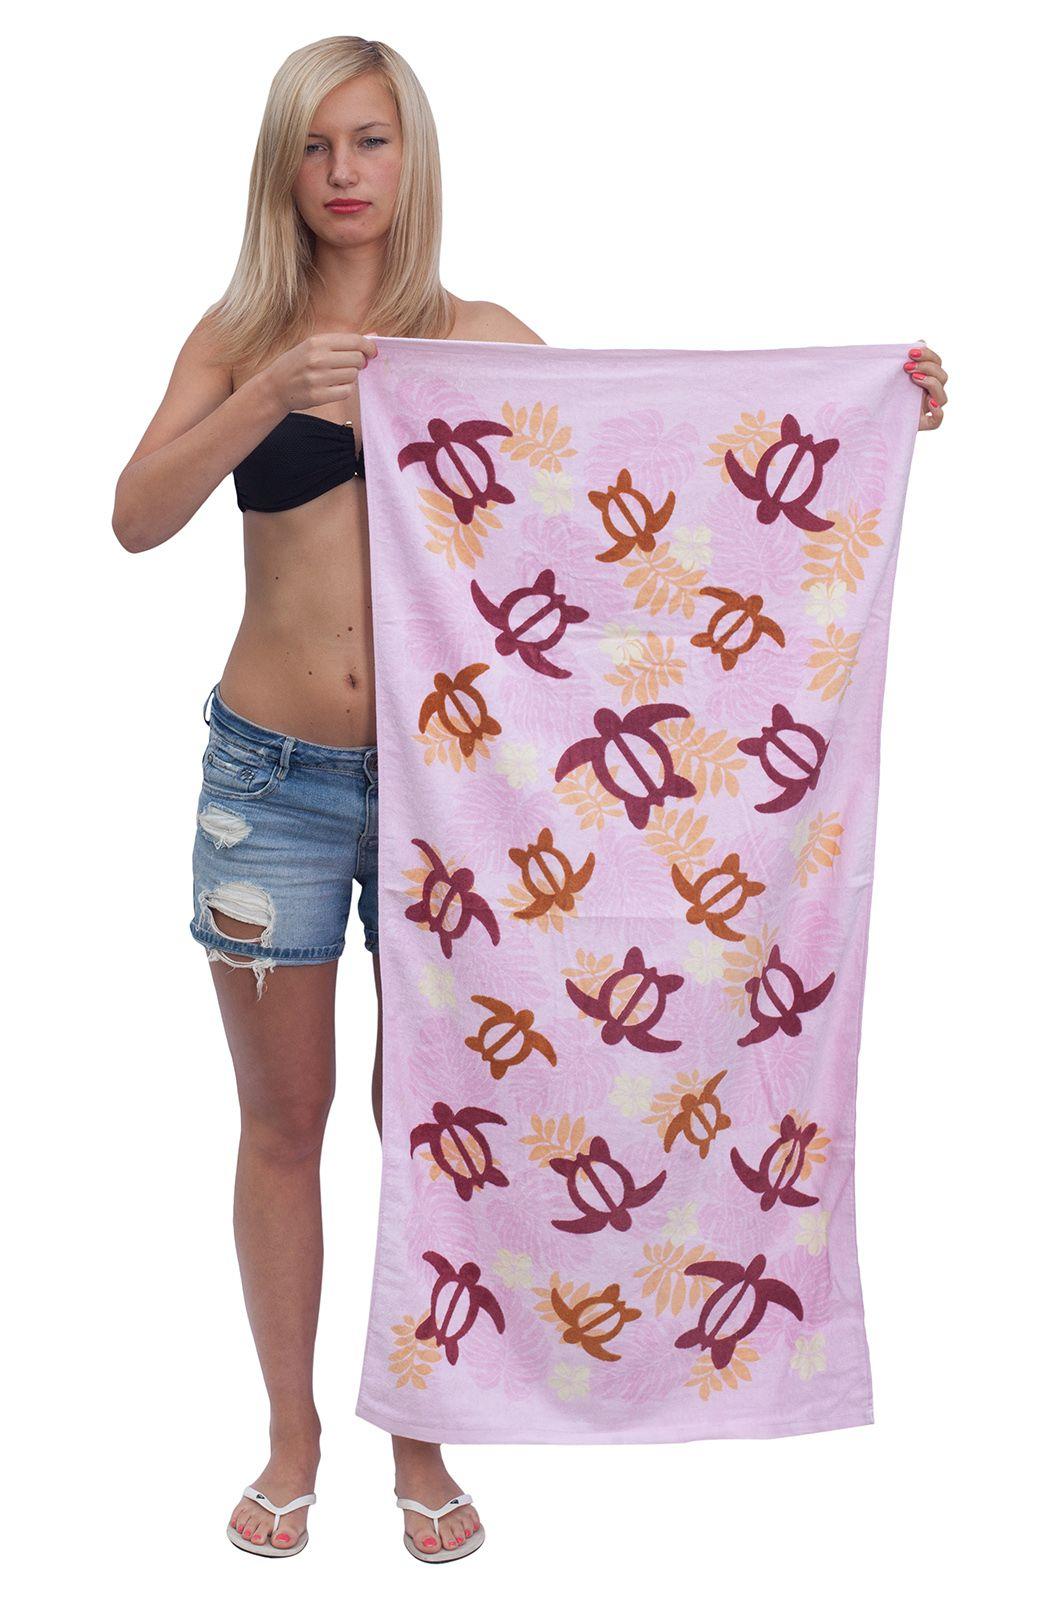 Полотенце для ванной комнаты - купить онлайн